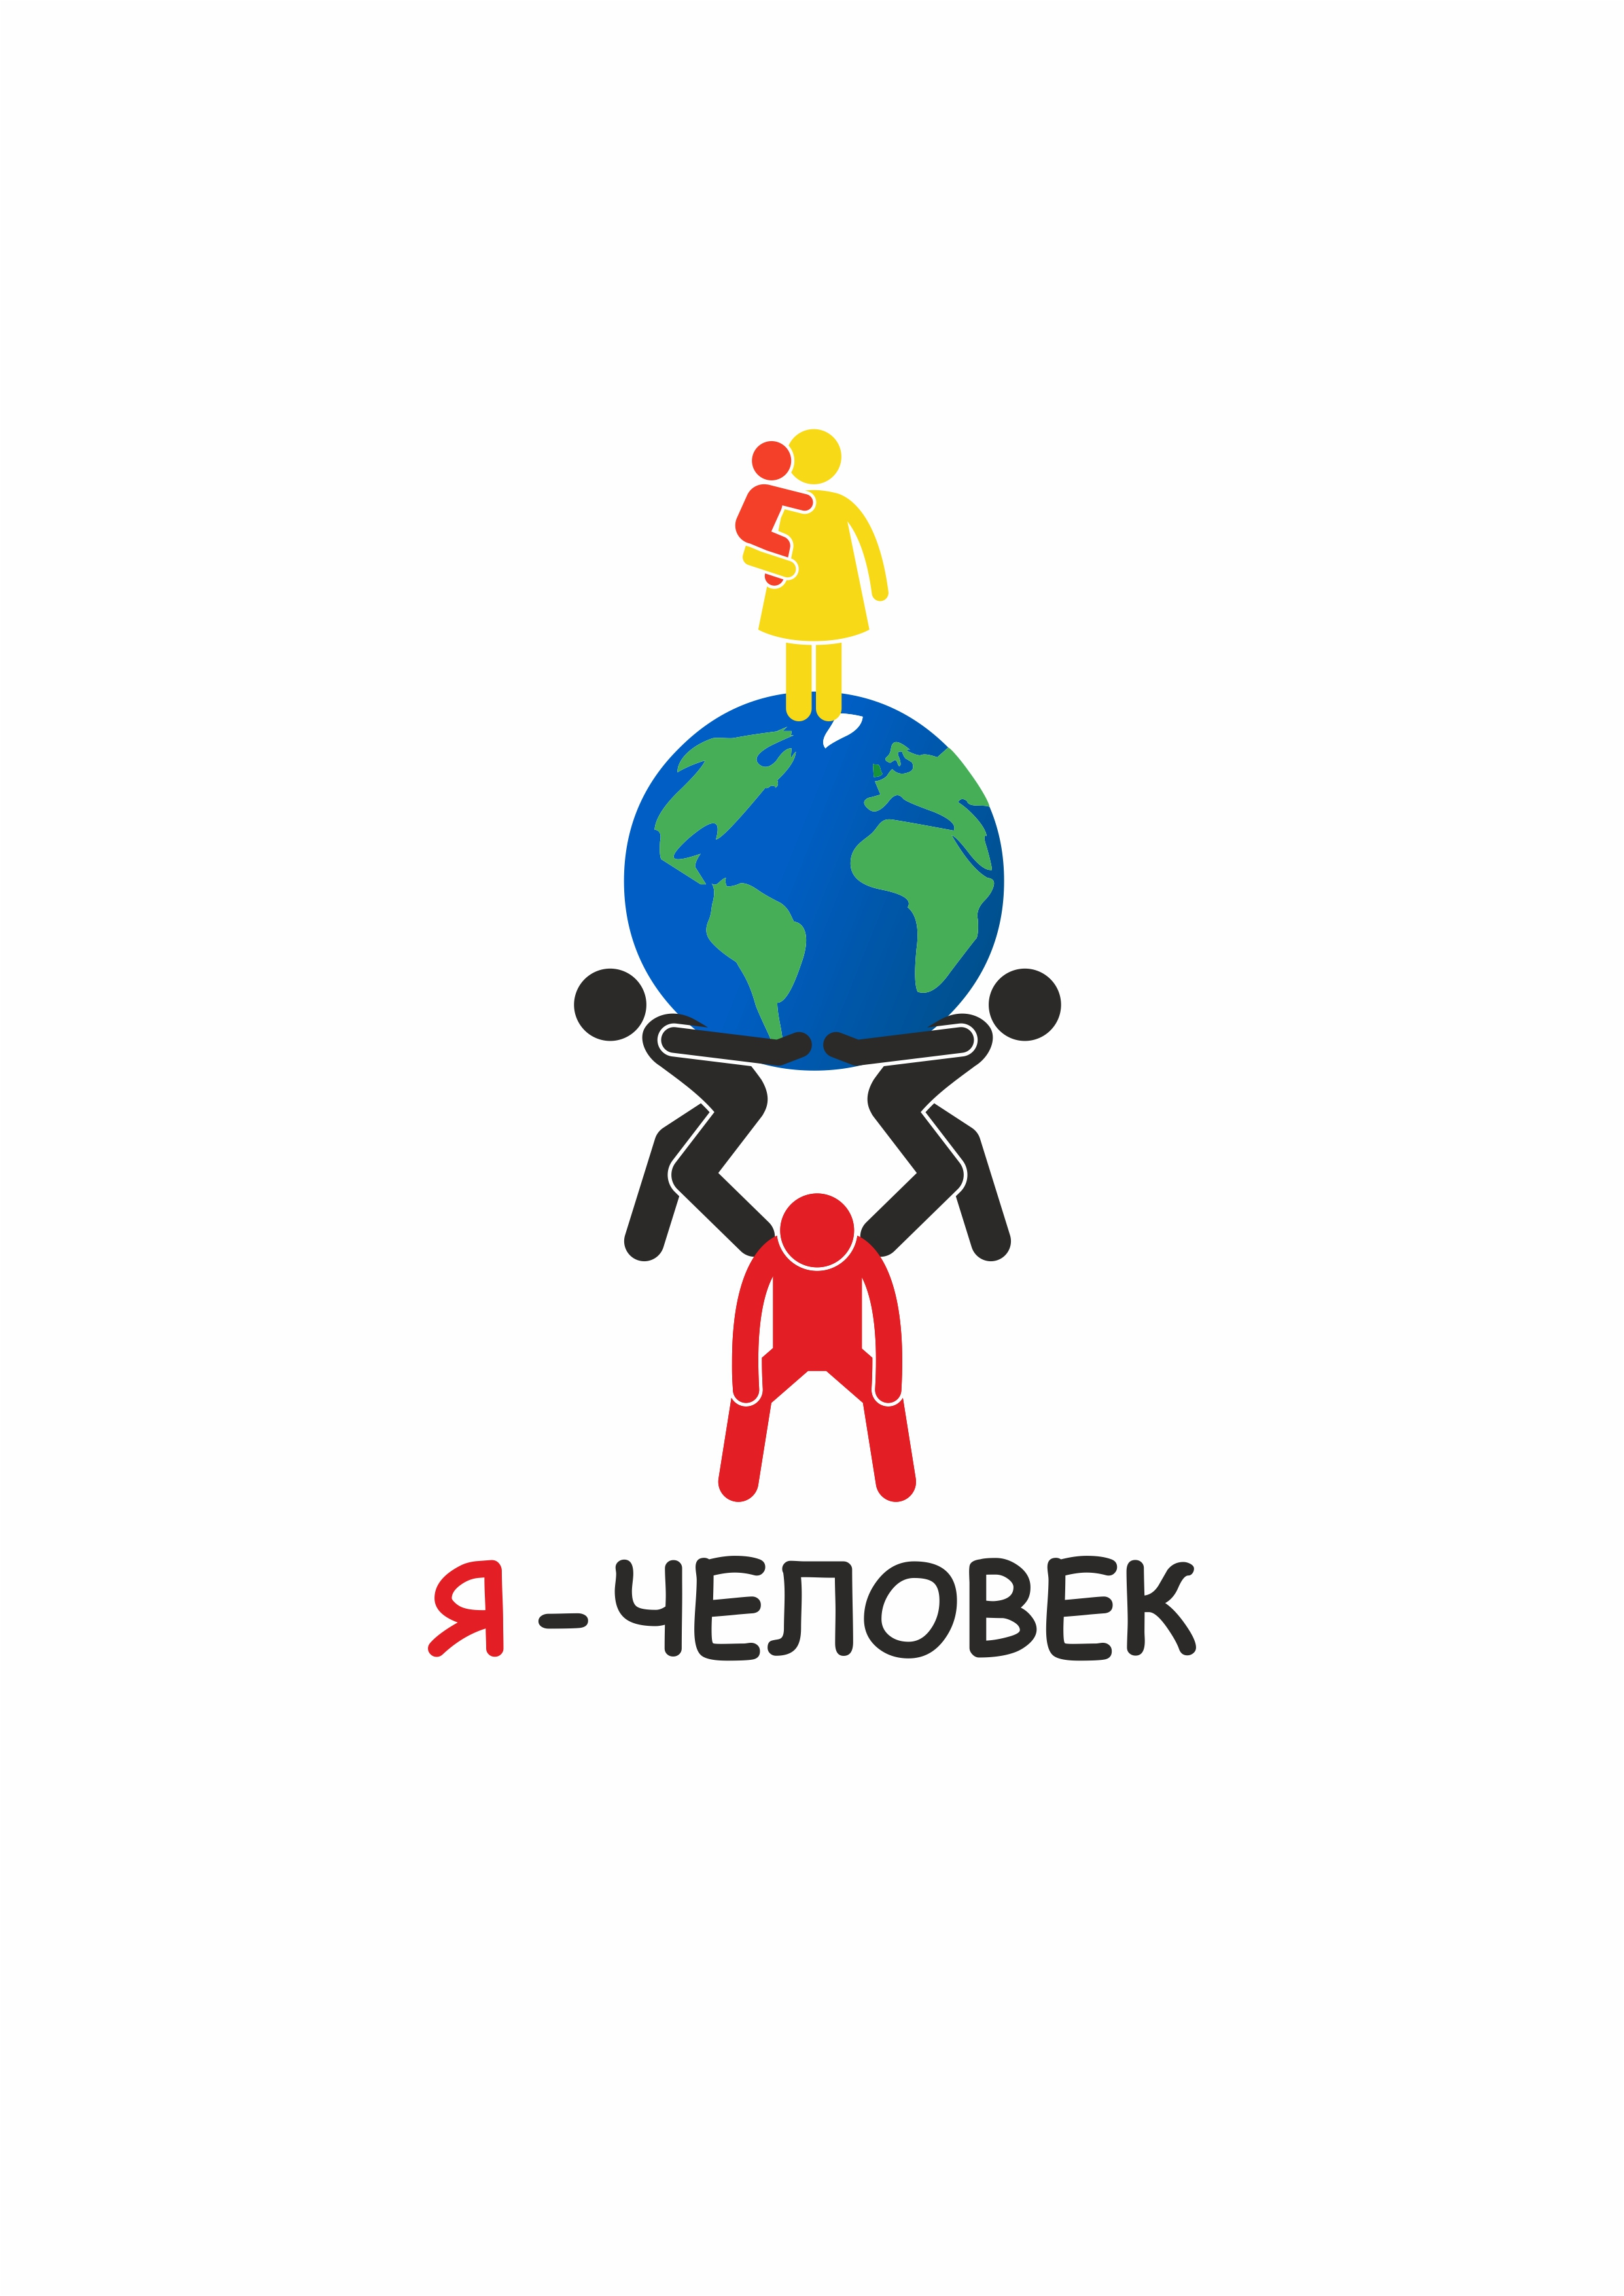 Конкурс на создание логотипа фото f_4035d265cfb5ecc5.jpg